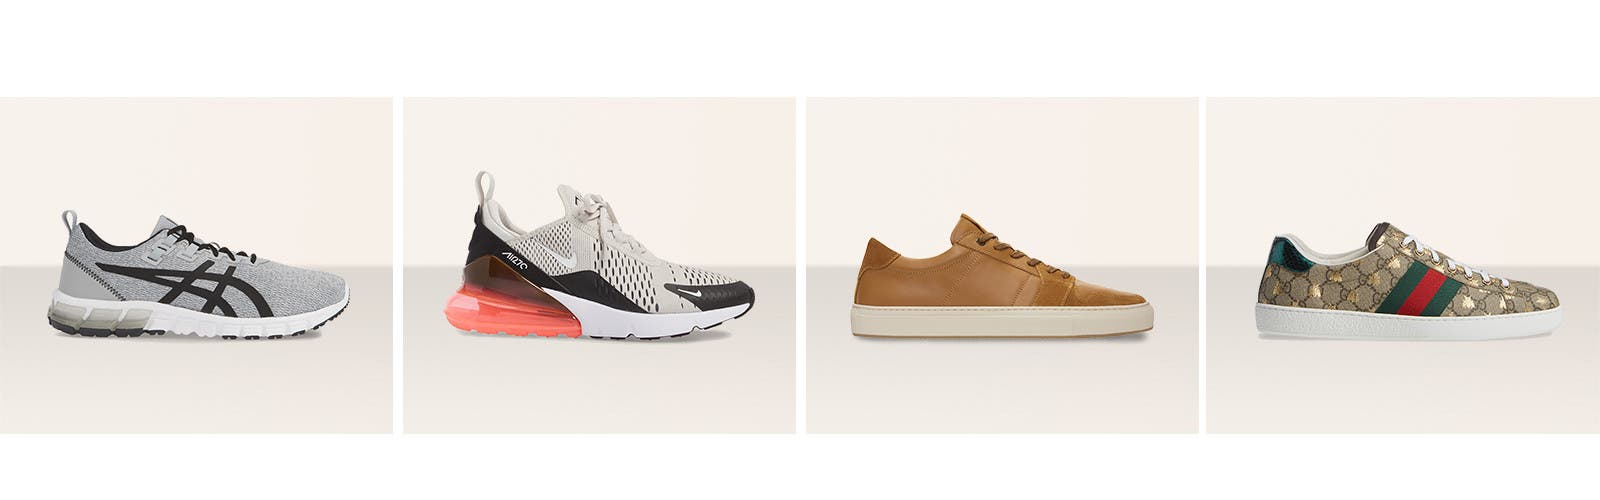 Get your kicks: men's sneakers.